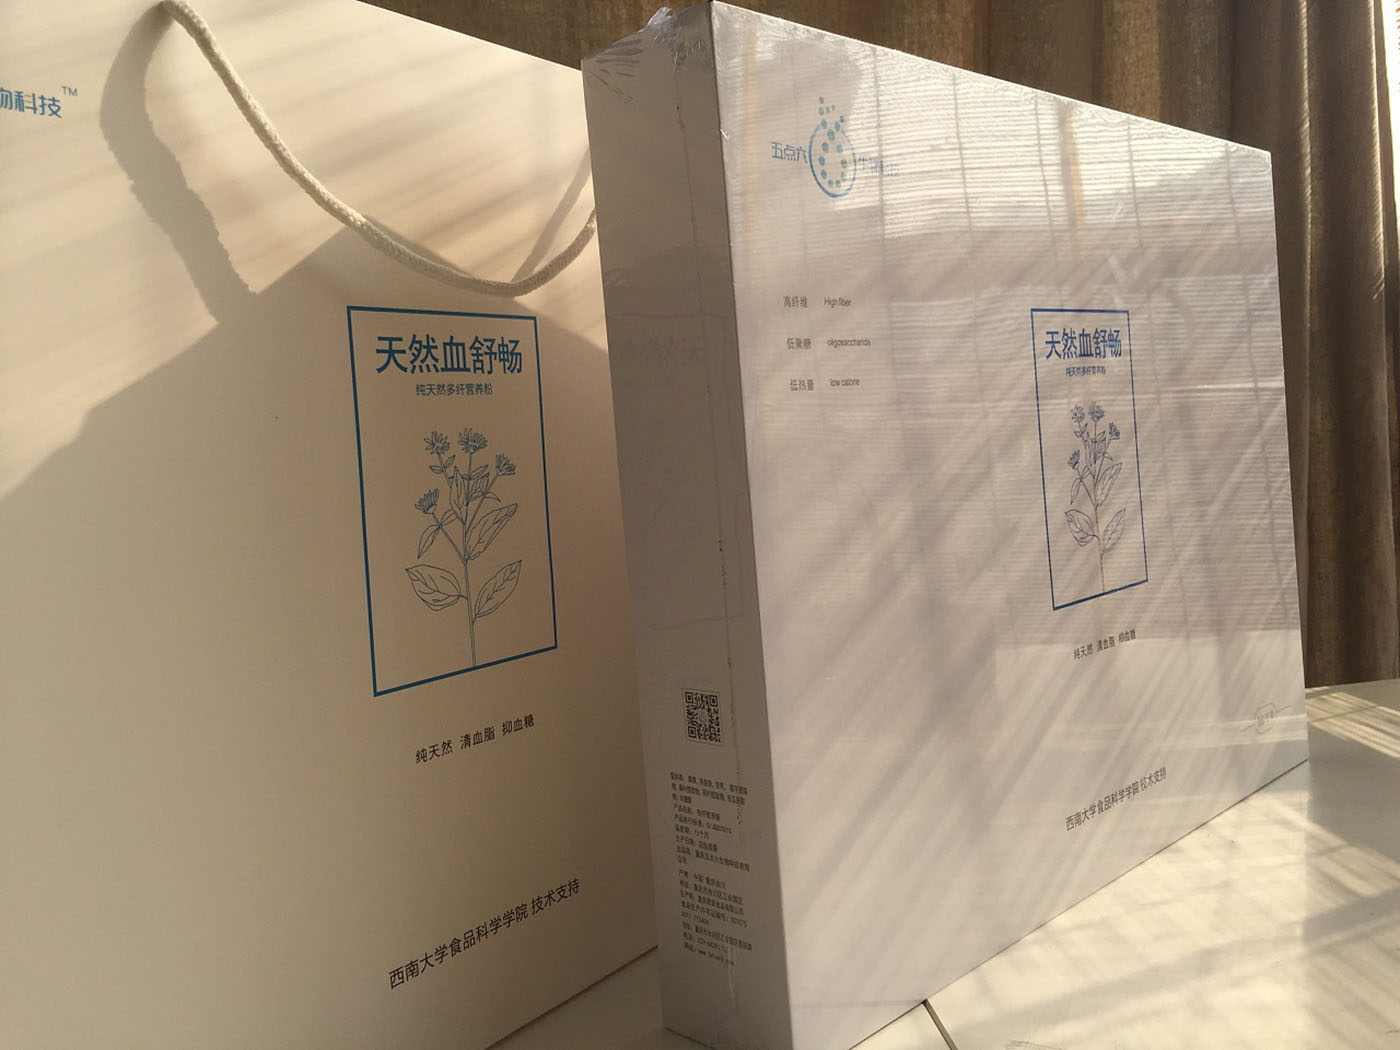 天然营养粉保健品包装设计-简约保健品包装设计公司